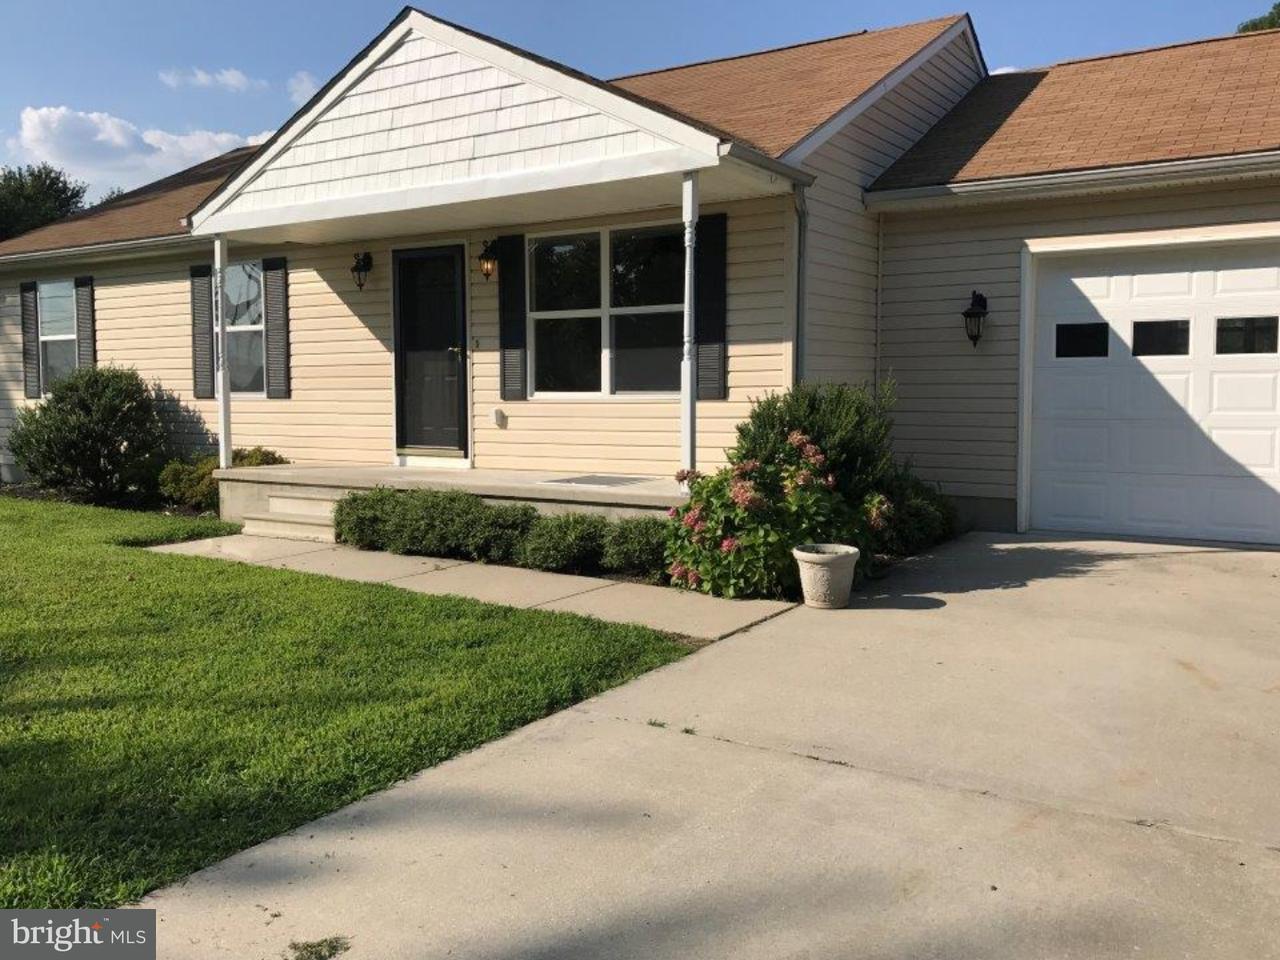 Частный односемейный дом для того Продажа на 145 5TH Avenue Carneys Point Township, Нью-Джерси 08069 Соединенные Штаты